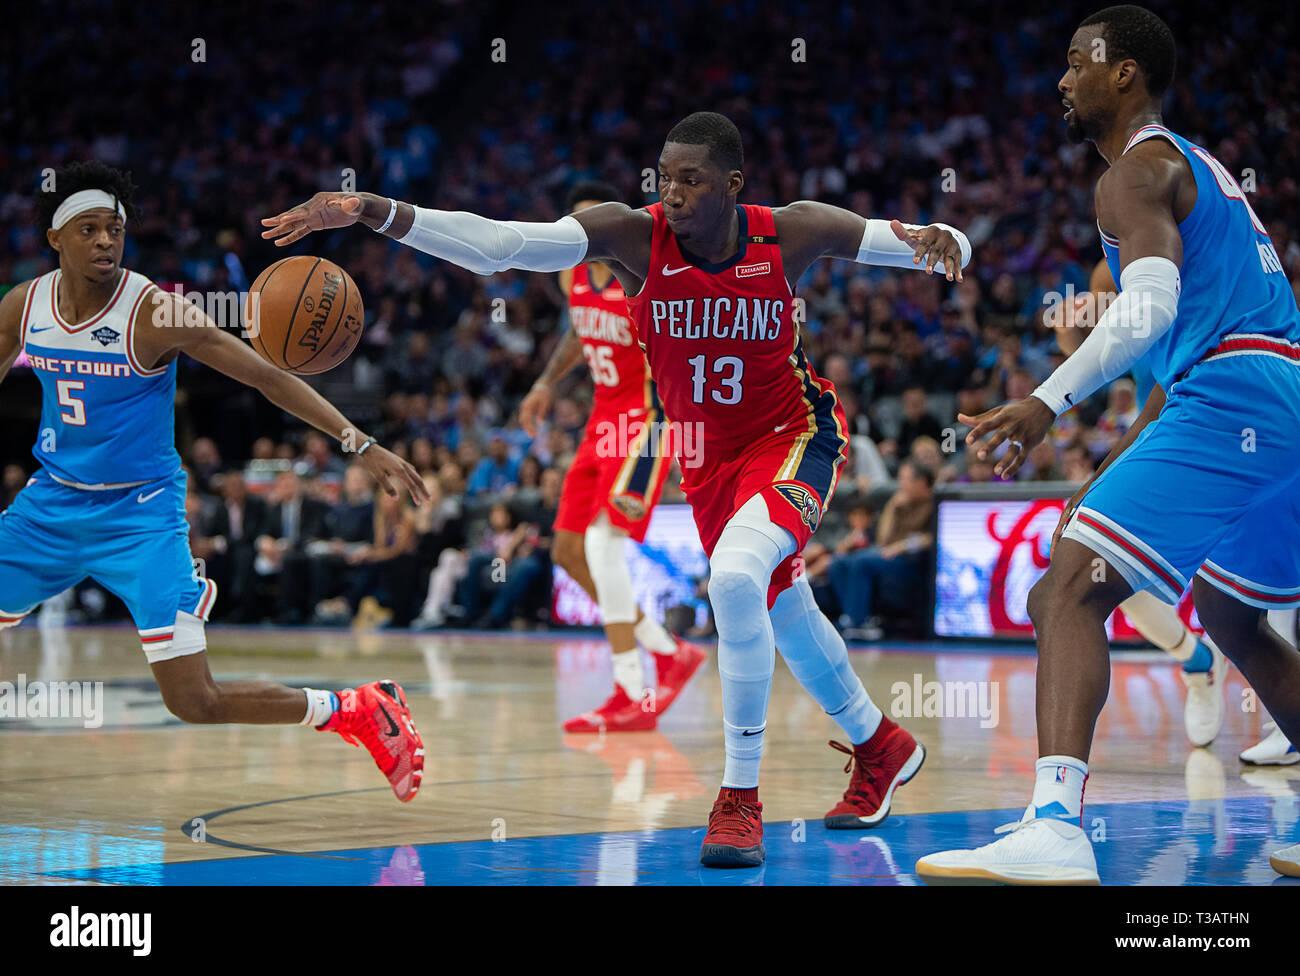 Sacramento, CA, USA  7th Apr, 2019  New Orleans Pelicans